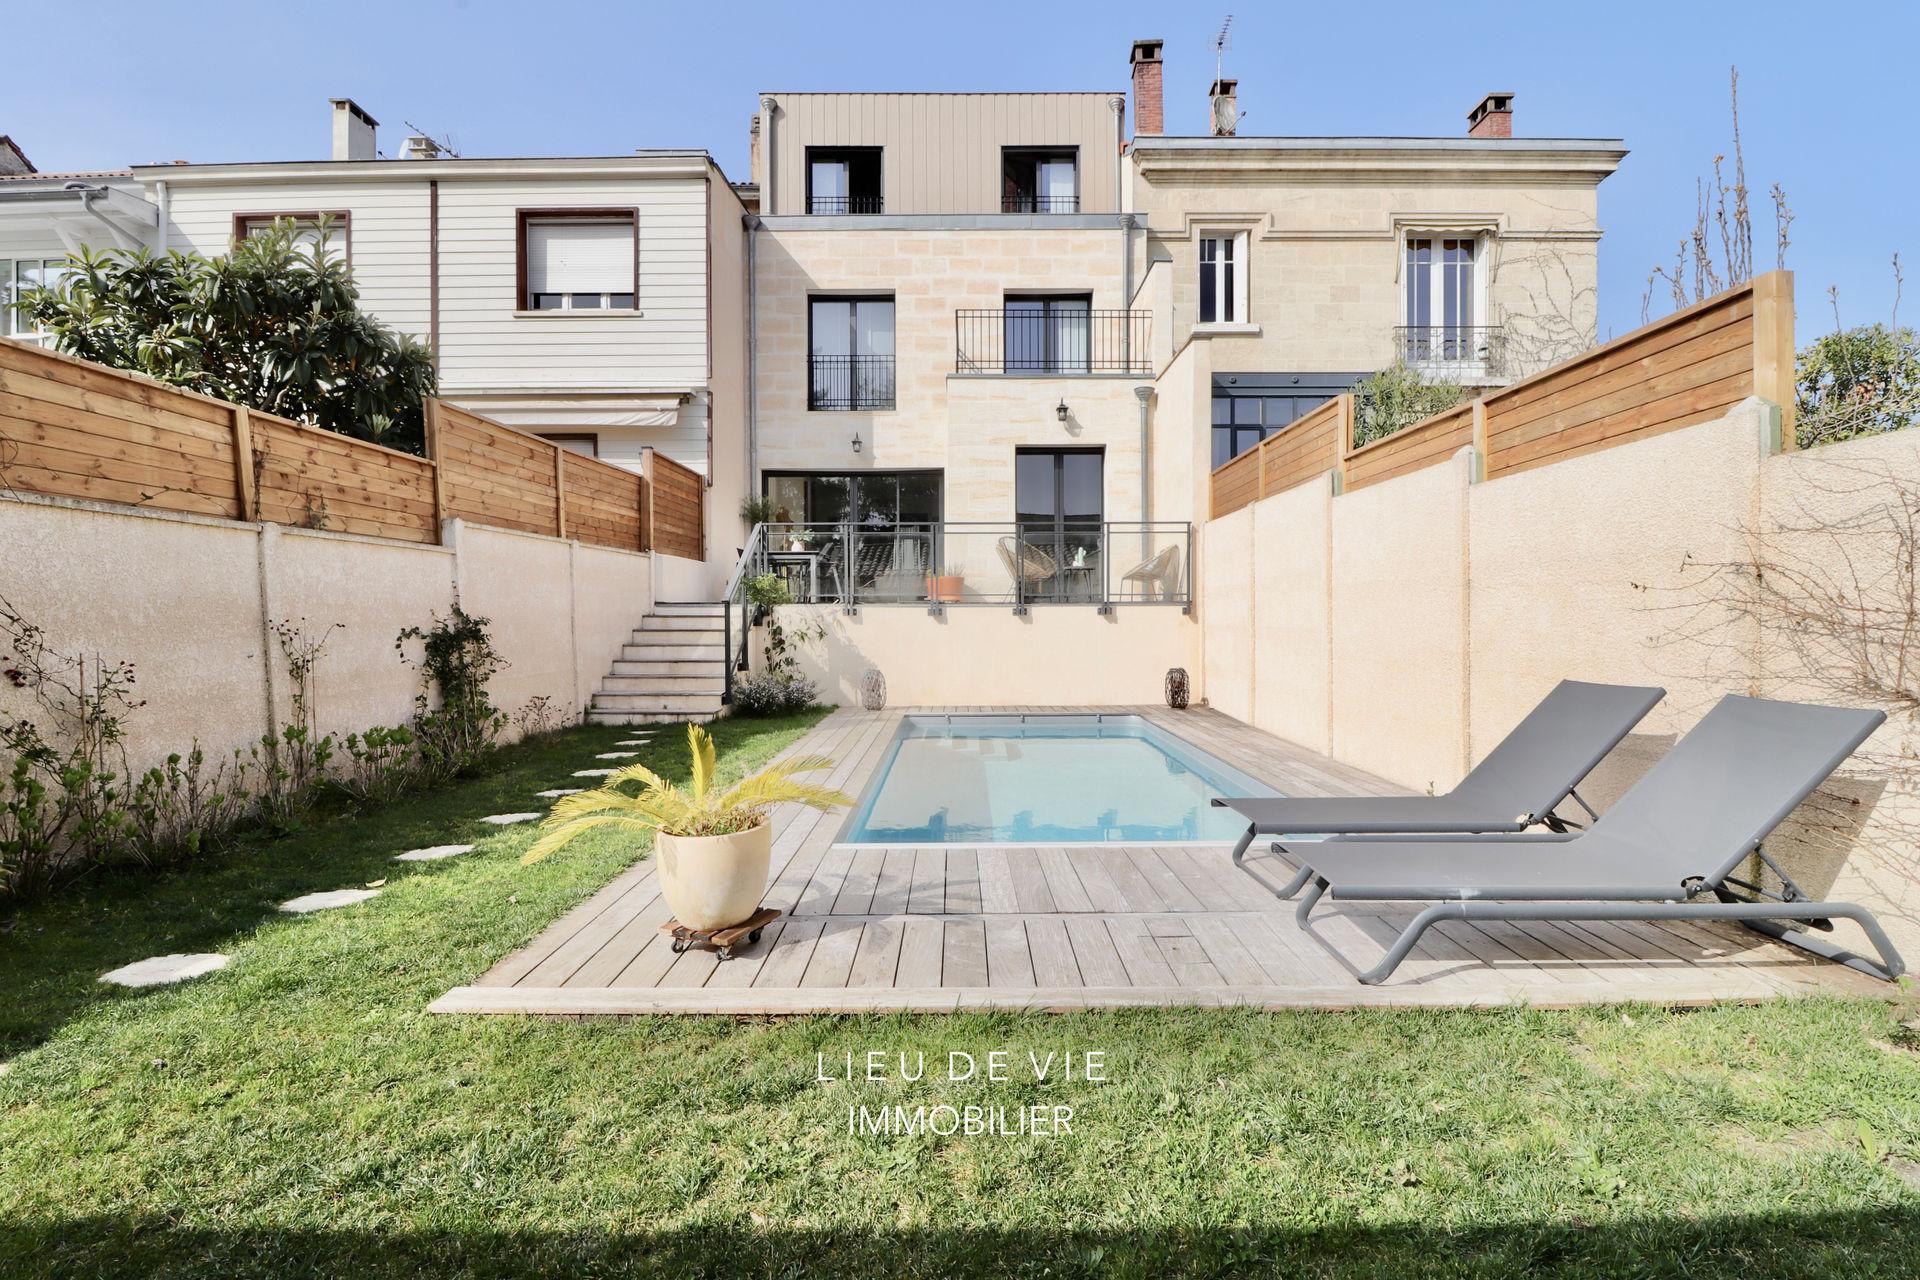 CAMBRIDGE - T7 - 1 978 000€ BORDEAUX